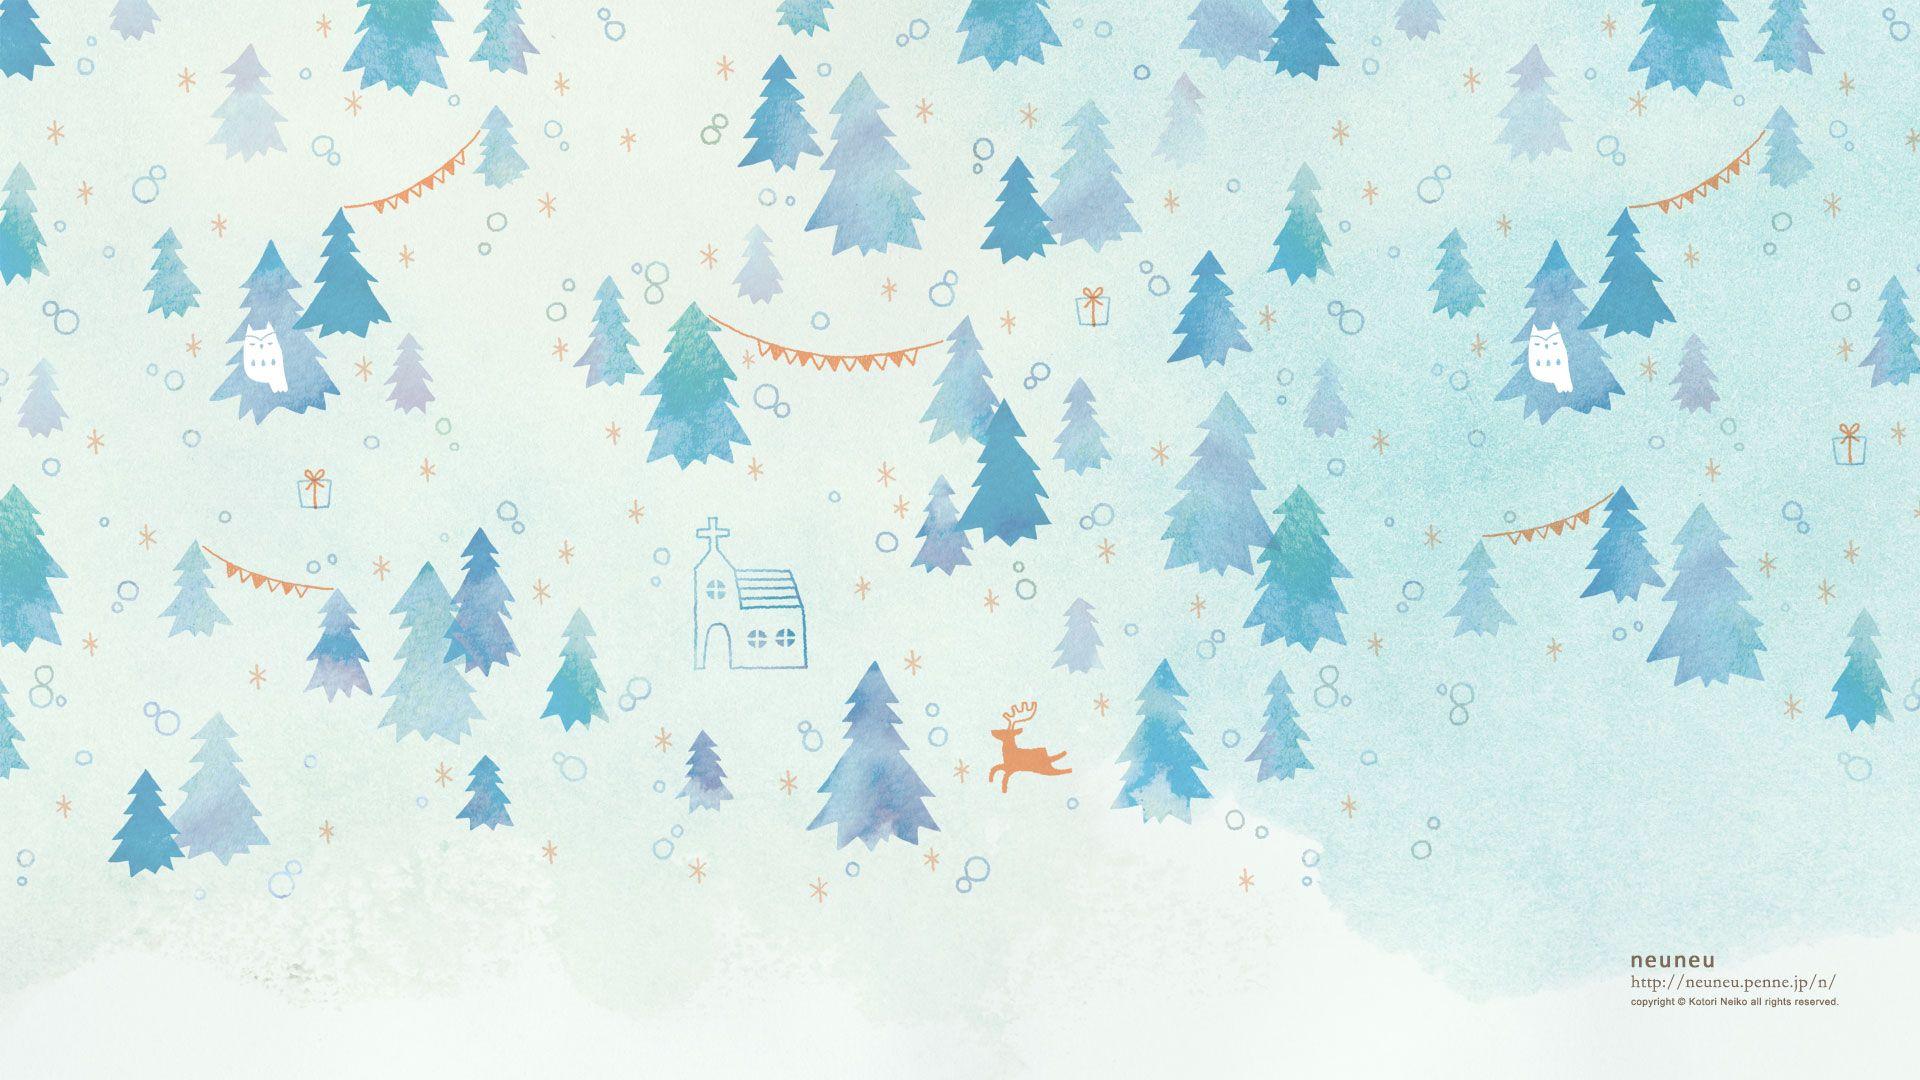 一番欲しい 冬 壁紙 Pc 木イラスト イラスト 冬 ポスター